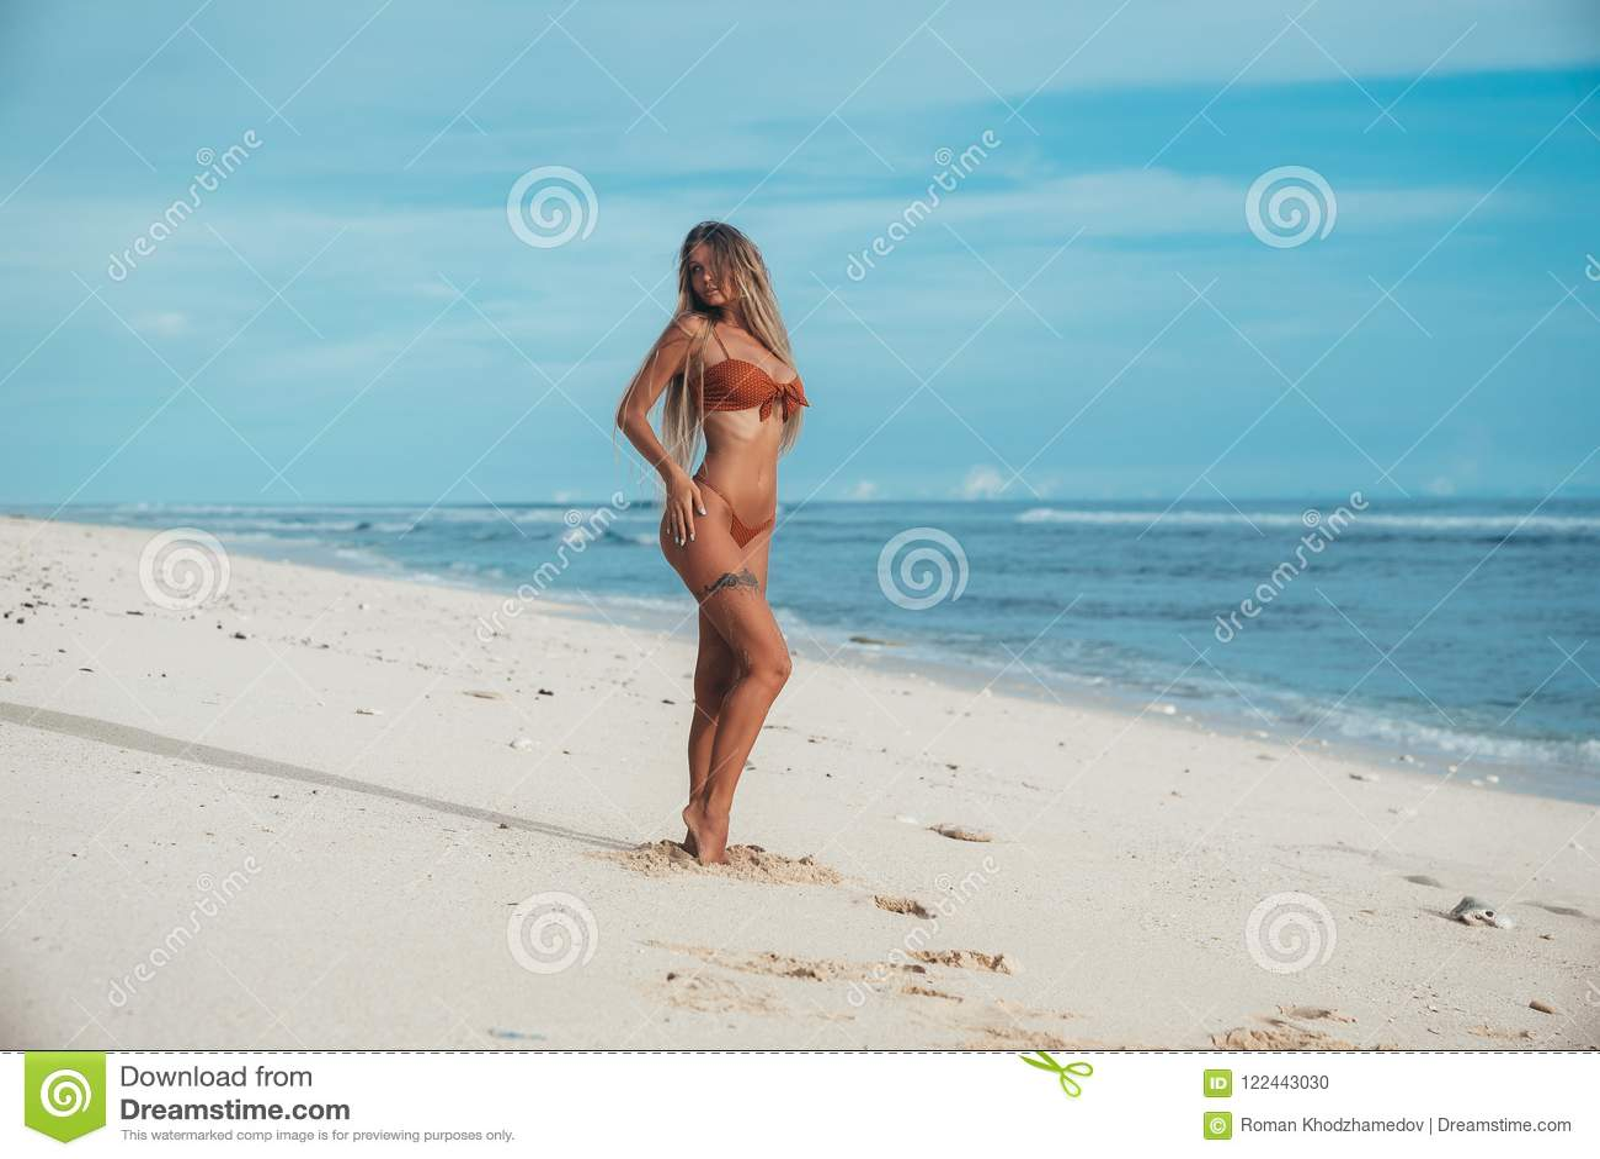 Een mooi jong blonde staat te zwemmen op het punt, draaide zij van het overzees aan het zand om ervoor te zorgen dat zij niet ver